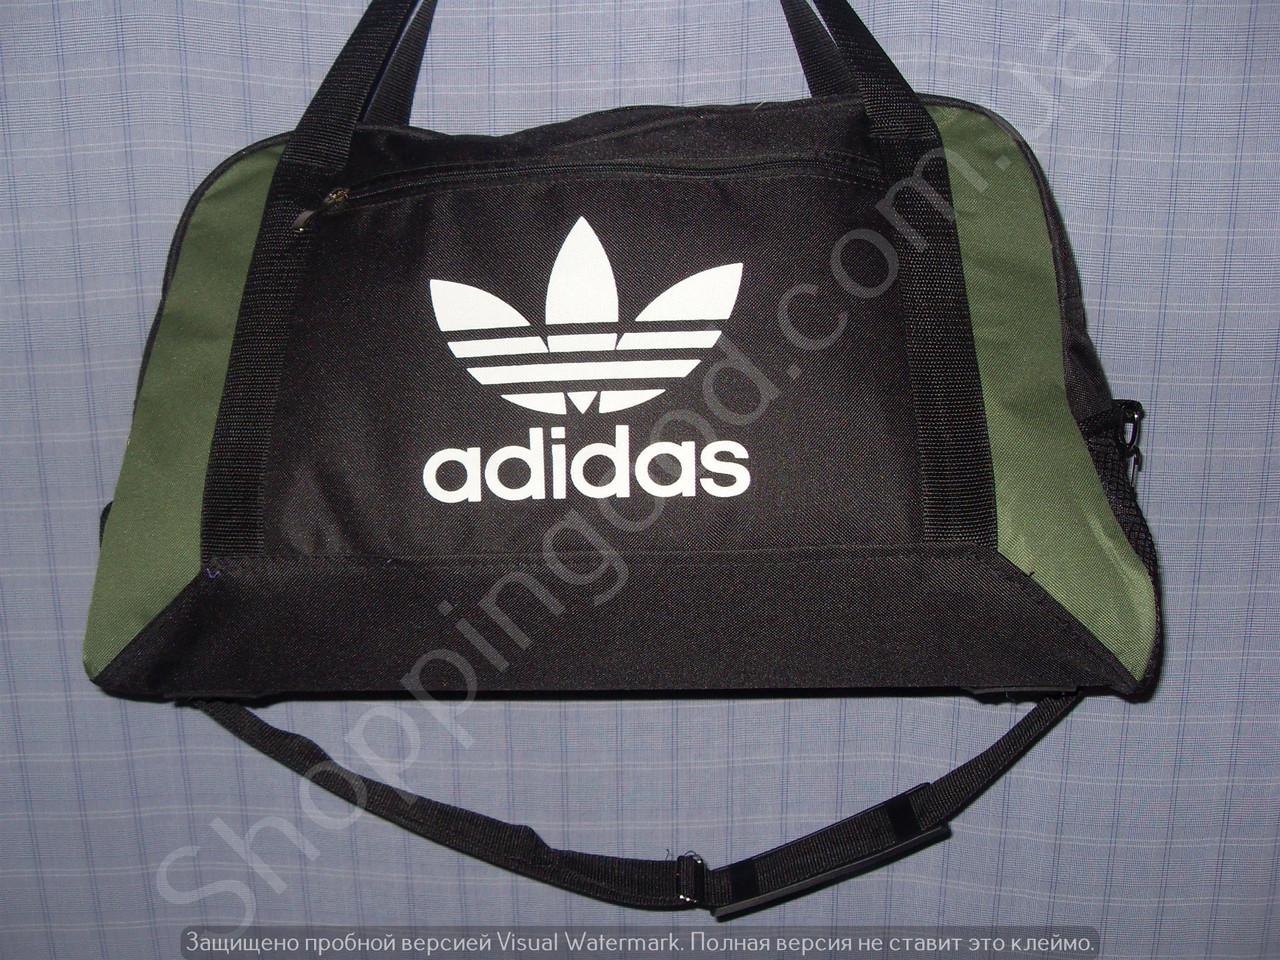 65b266a699e3 Багажная сумка Adidas 013678 большая (55х33х22, см) черная с зеленым  спортивная дорожная текстиль